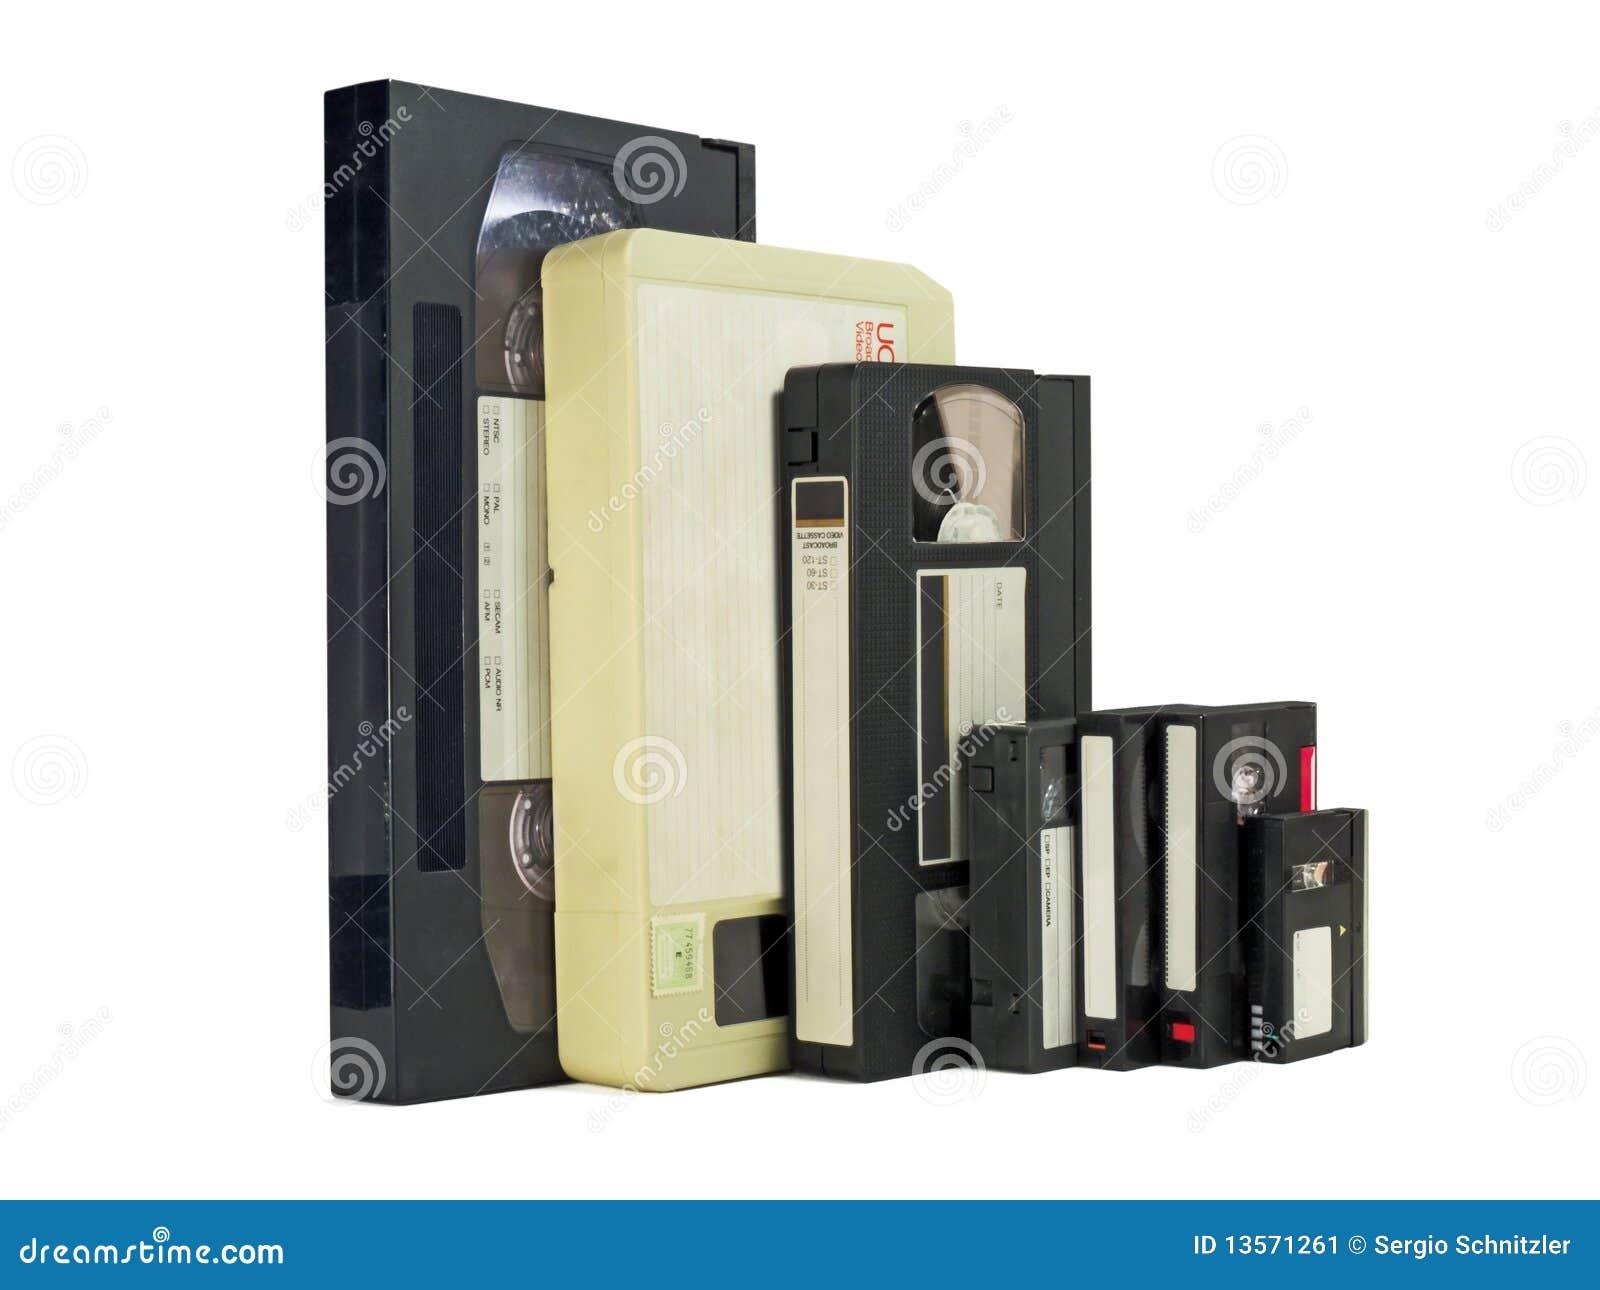 Nebeneinander Videobänder